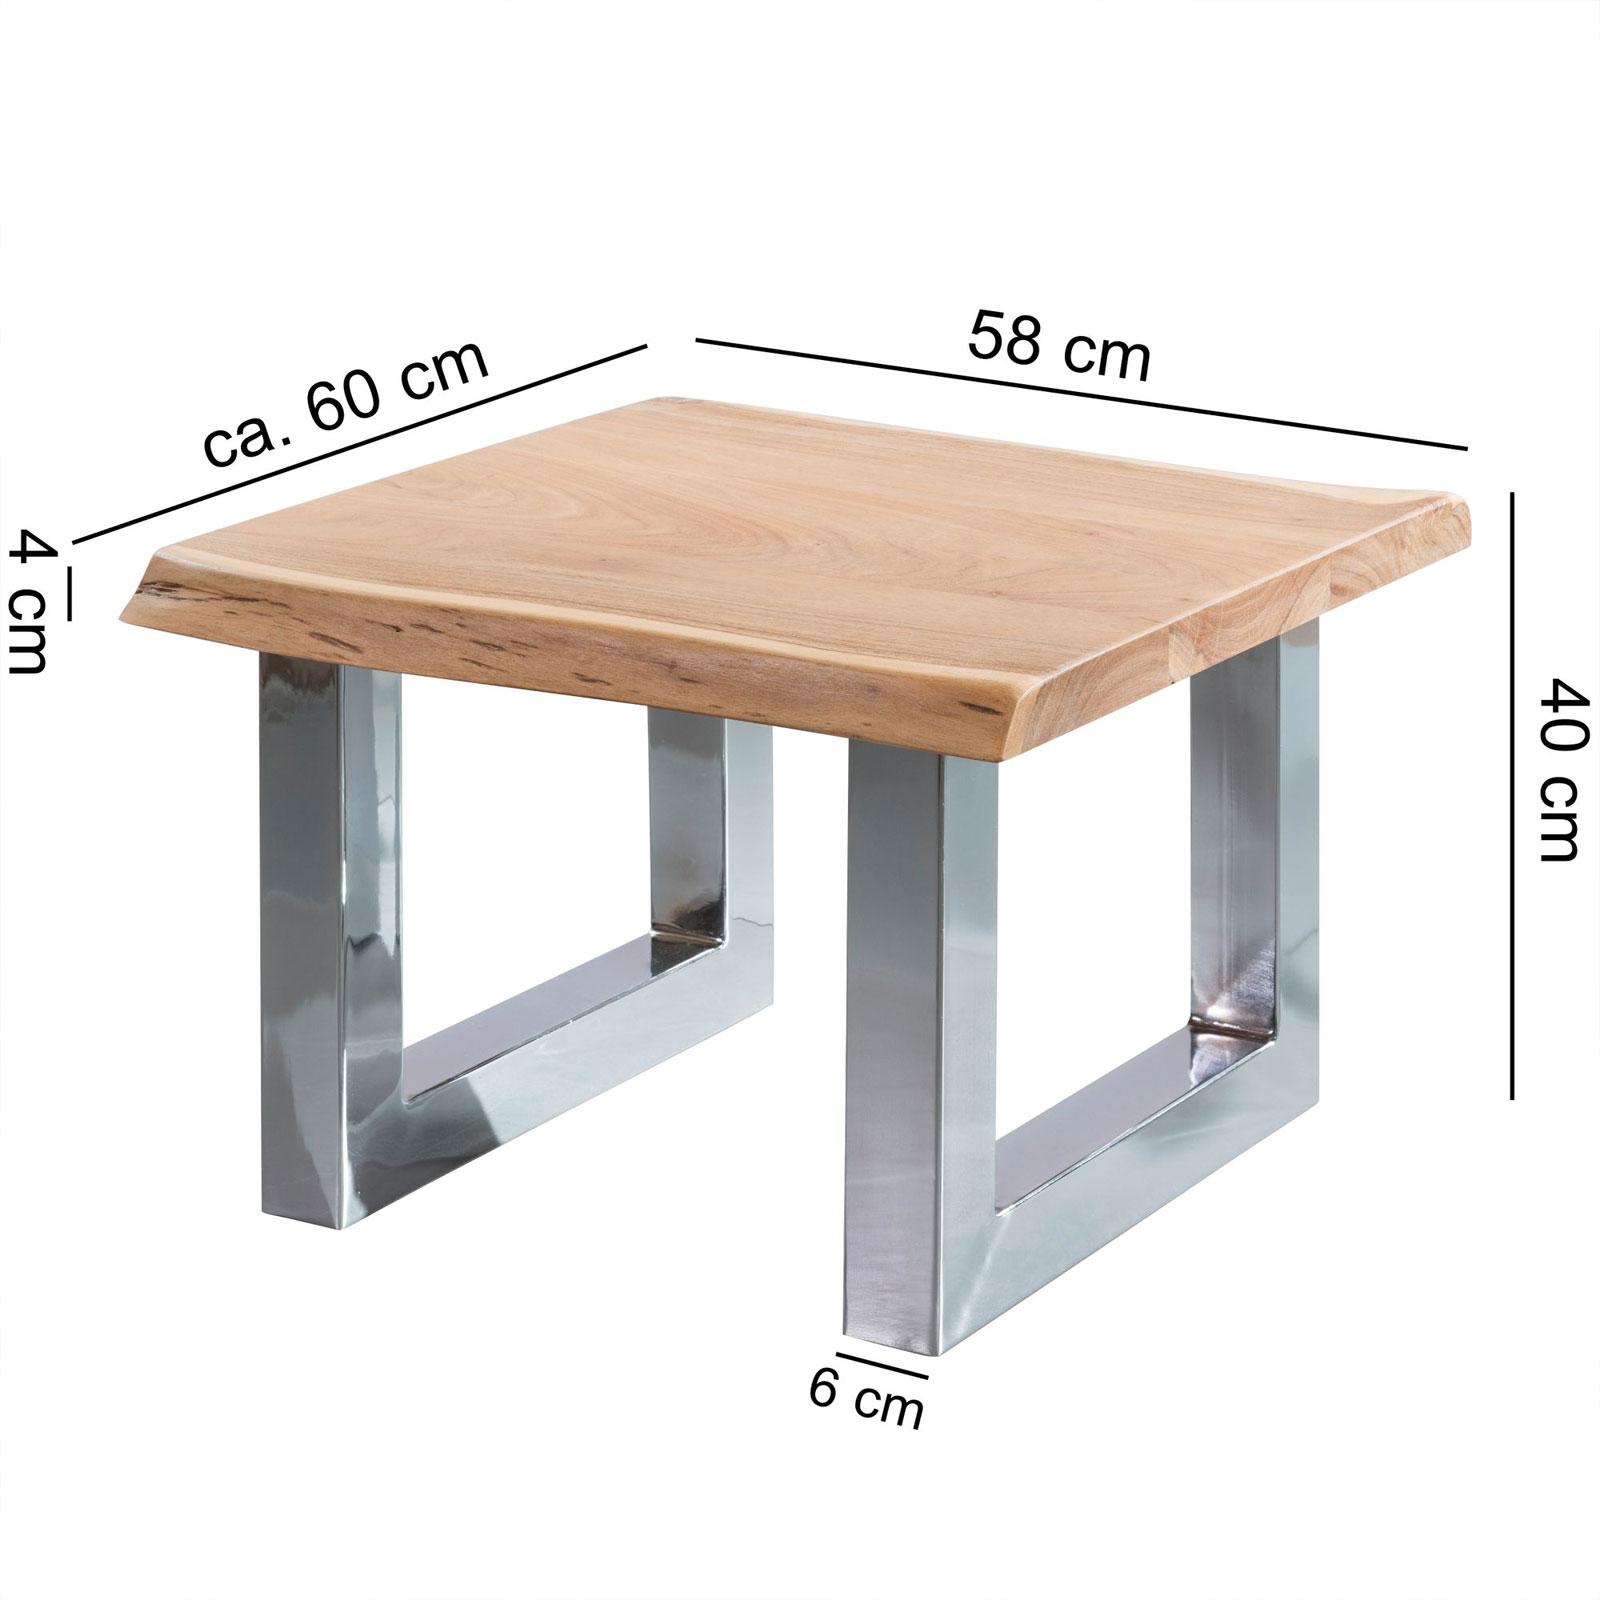 Couchtisch Akazie 58x40x60cm Wohnzimmertisch Holz Massiv Baumkante ...